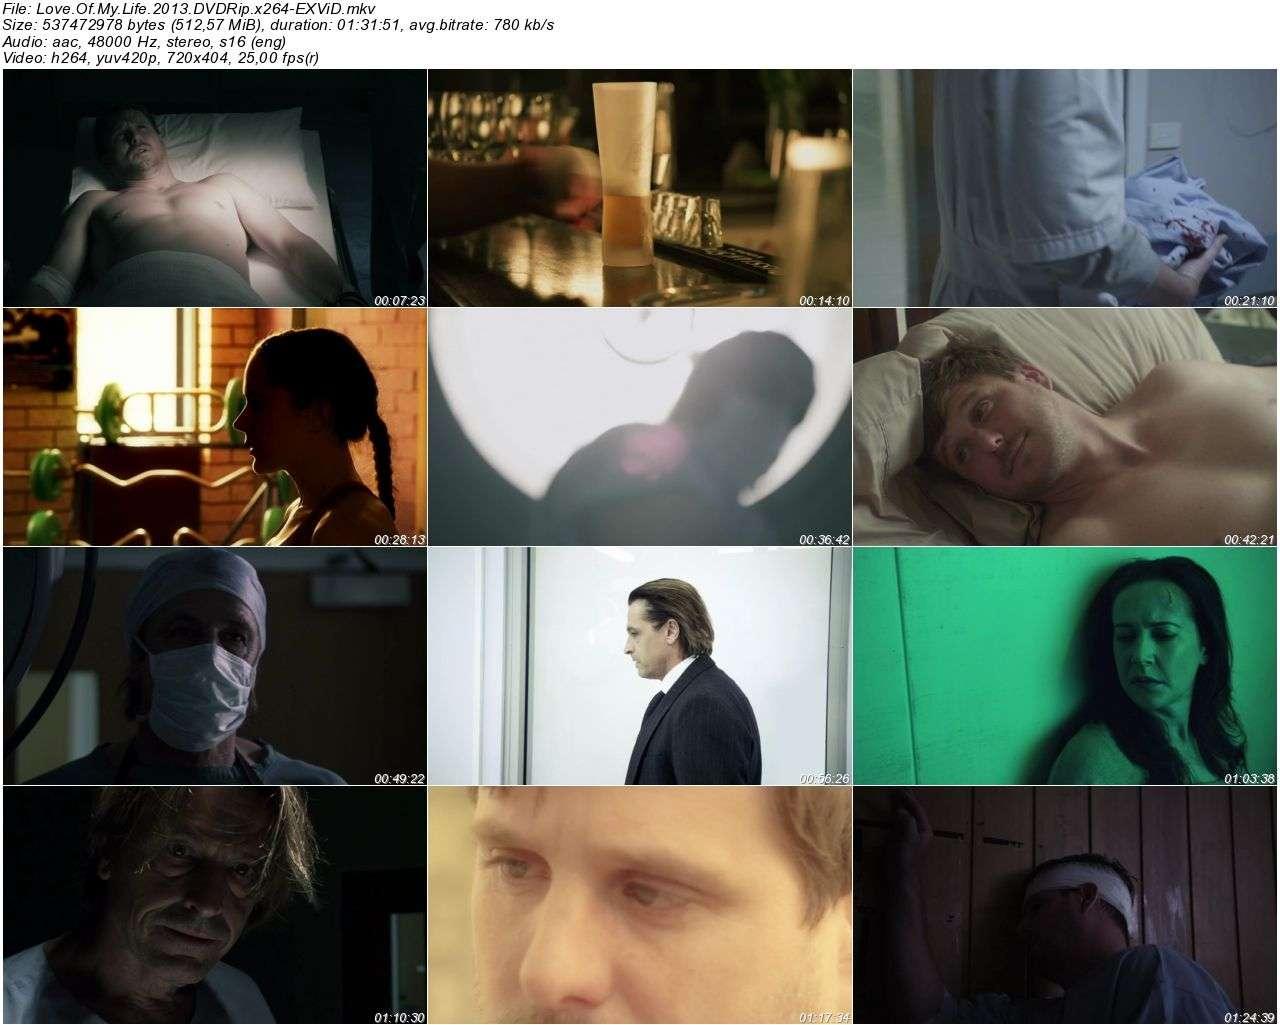 Love Of My Life - 2013 DVDRip x264 - Türkçe Altyazılı Tek Link indir